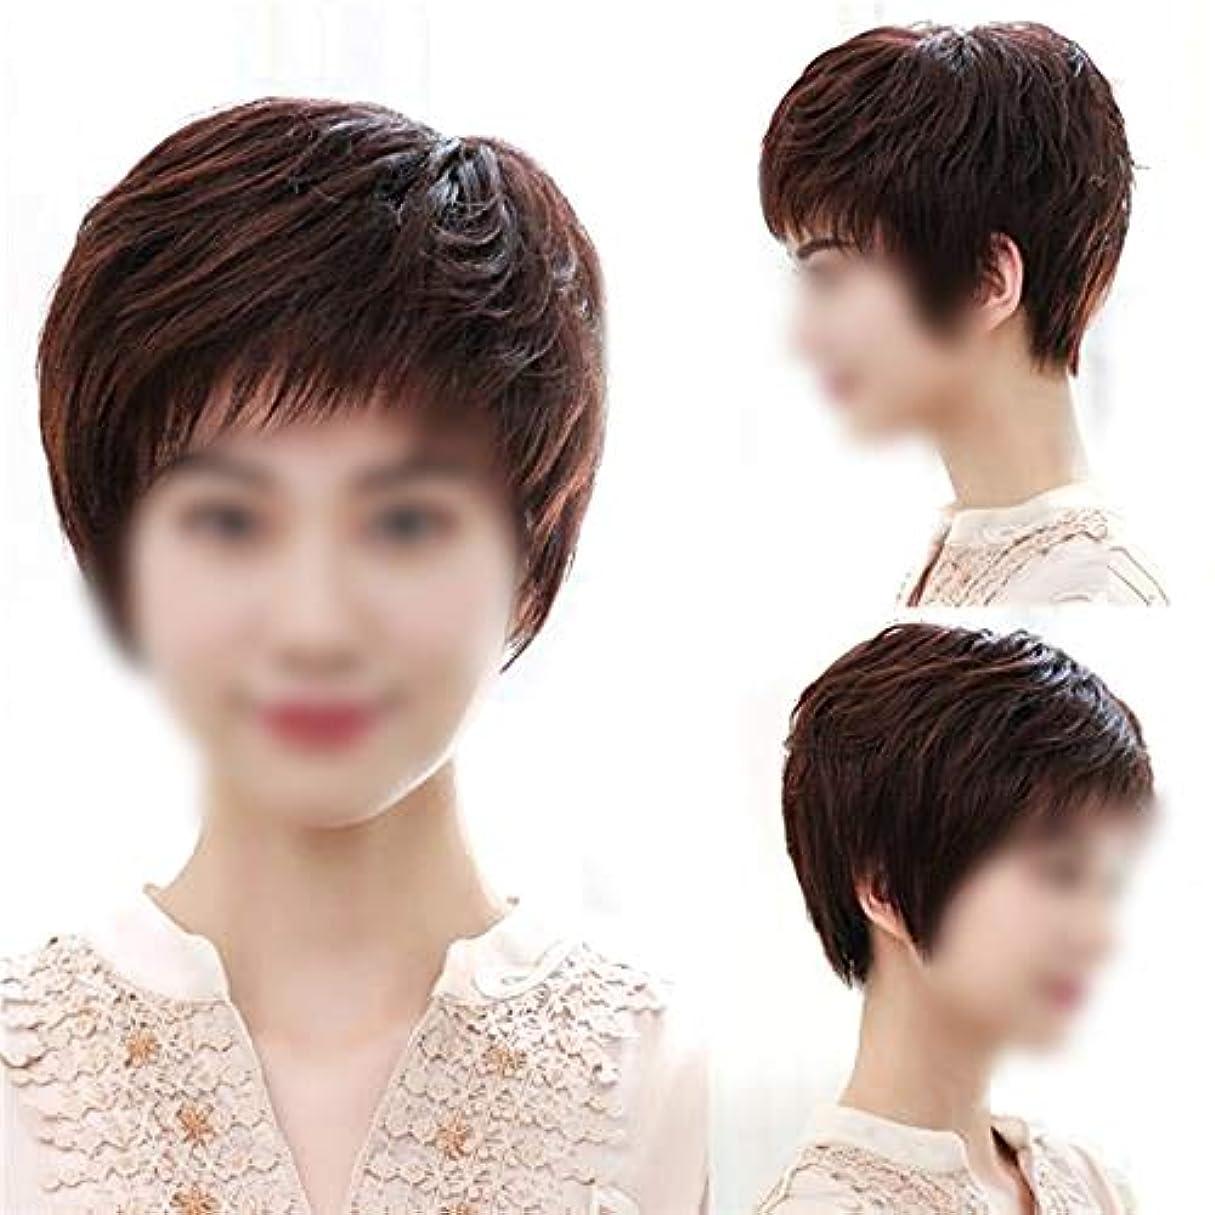 砲兵失う工業化するYOUQIU 女子ダークブラウンショートヘア中年手織りの実髪の髪の自然のリアルなウィッグウィッグ (色 : Natural black)